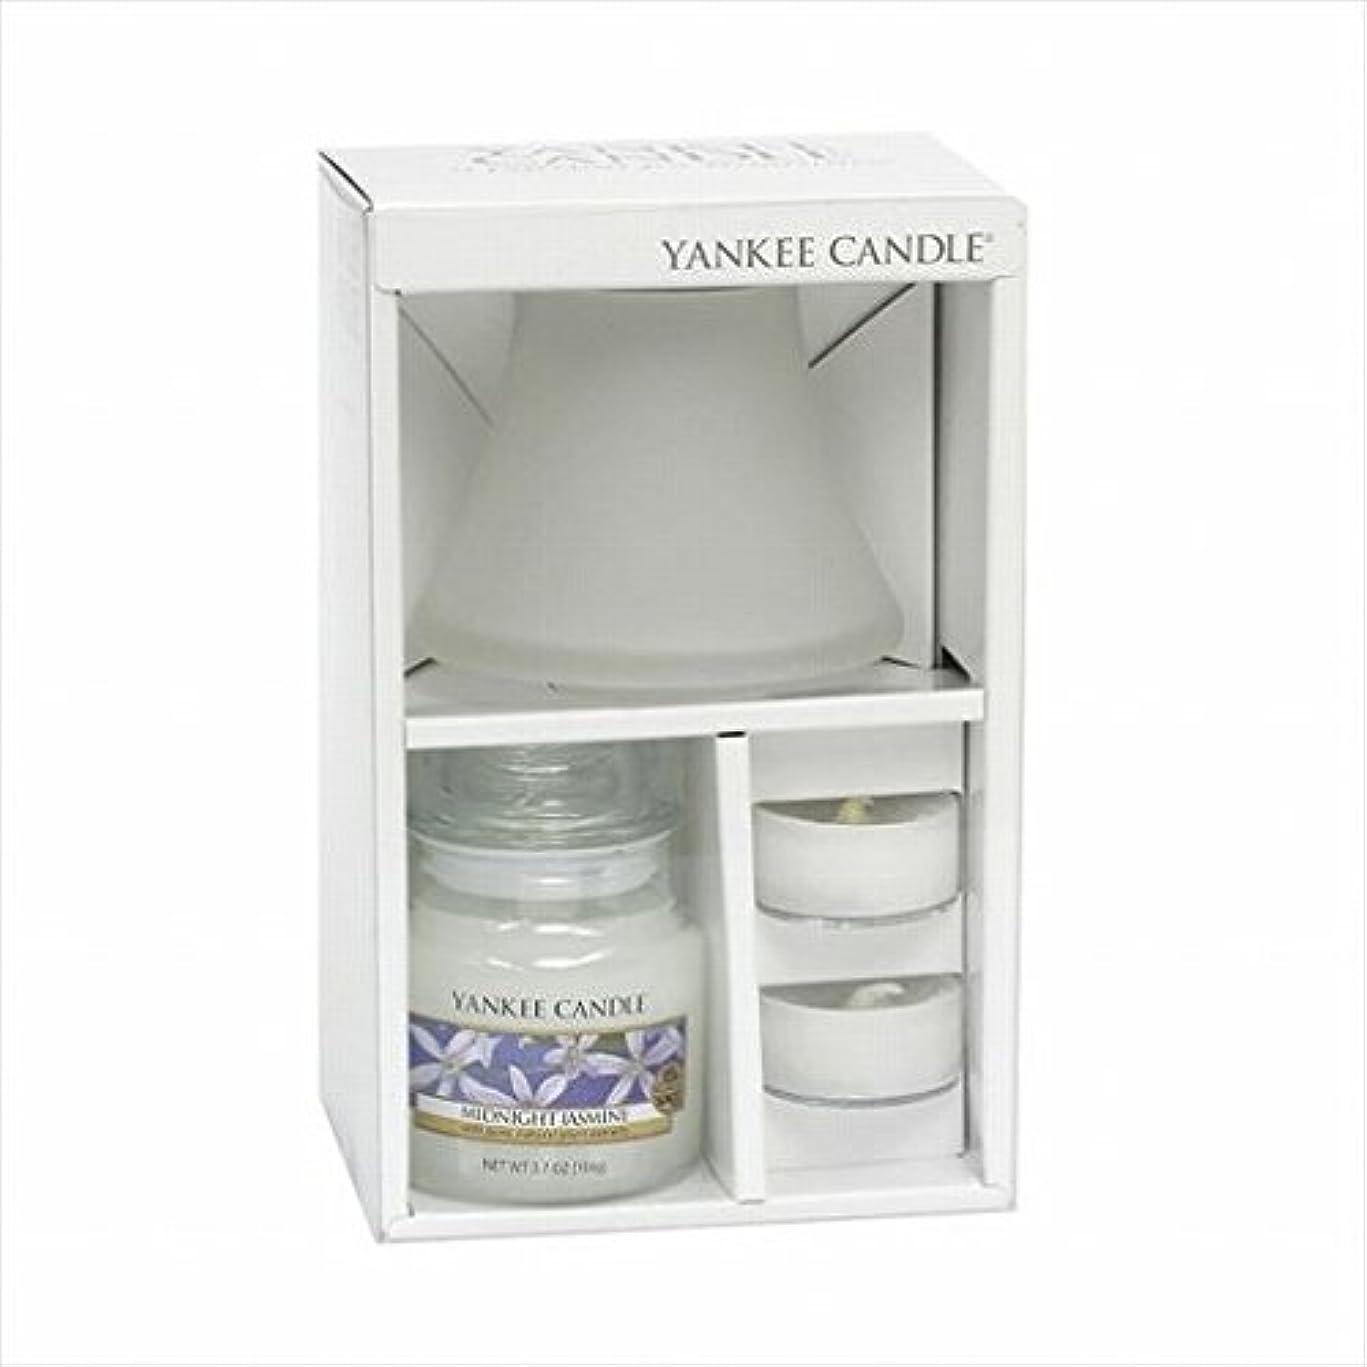 チャンピオンシップ主人じゃないカメヤマキャンドル(kameyama candle) YANKEE CANDLE ジャーS ネオシェードセット フロスト 「 ミッドナイトジャスミン 」